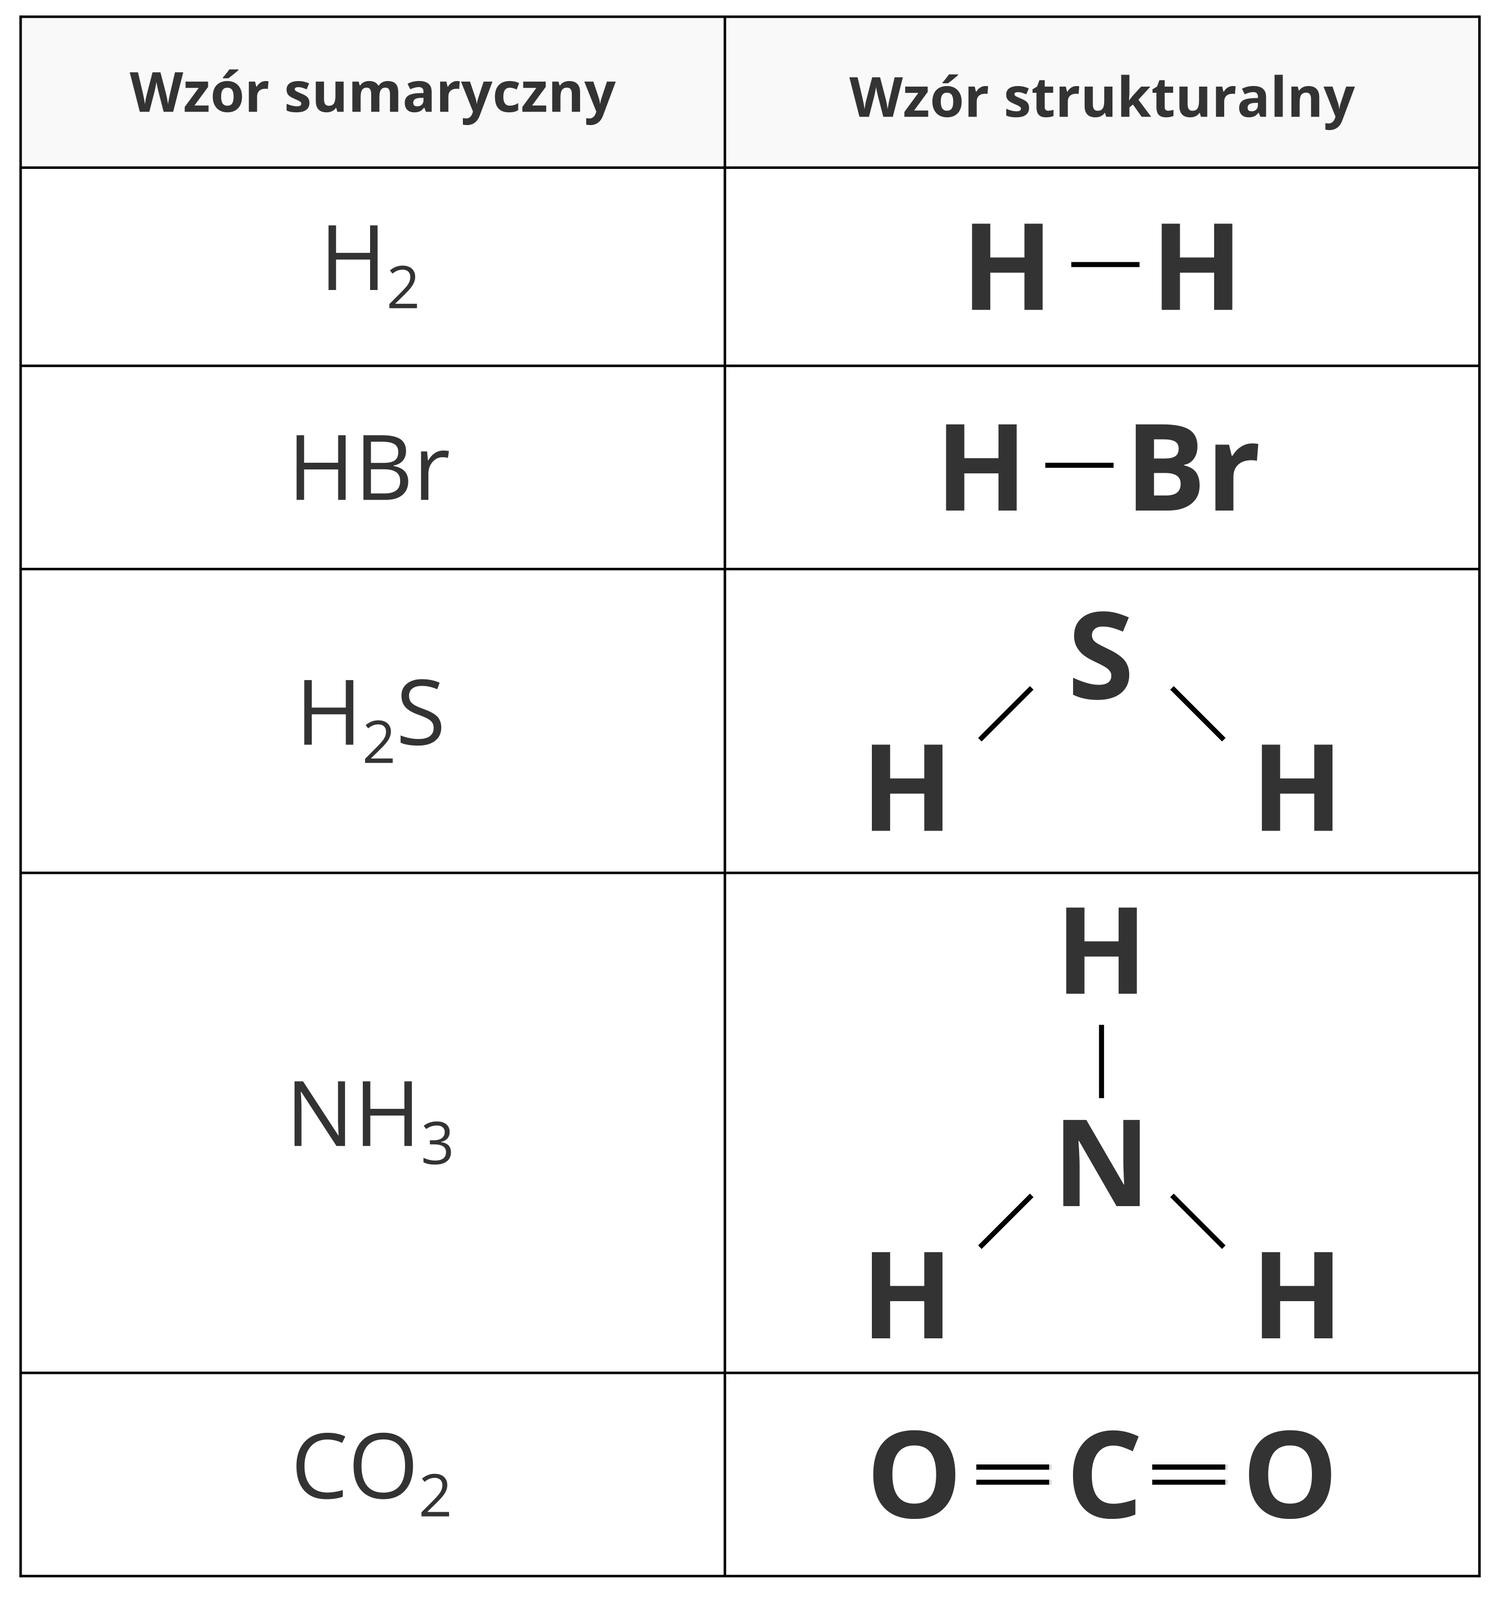 Tabela przedstawiająca wzory sumaryczne istrukturalne pięciu przykładowych substancji. Wlewej kolumnie znajdują się wzory sumaryczne, awprawej strukturalne. Itak wodór H2 ma postać prostej pary atomów połączonych jedną parą elektronową, podobnie jak bromowodór czyli HBr. Siarkowodór to cząsteczka podobna wkształcie strukturalnym do wody, awięc zatomem siarki wśrodku zktórym atomy wodoru połączone są pojedynczymi parami elektronowymi pod kątem 90 stopni do siebie. Amoniak owzorze NH3 ma atom azotu wśrodku, apołączone znim pojedynczymi parami elektronowymi atomy wodoru rozmieszczone na wierzchołkach trójkąta równobocznejgo. Dwutlenek węgla CO2 to cząsteczka liniowa, wktórej węgiel ipołączone znim podwójnymi parami elektronowymi atomy tlenu tworzą jedną poziomą linię.